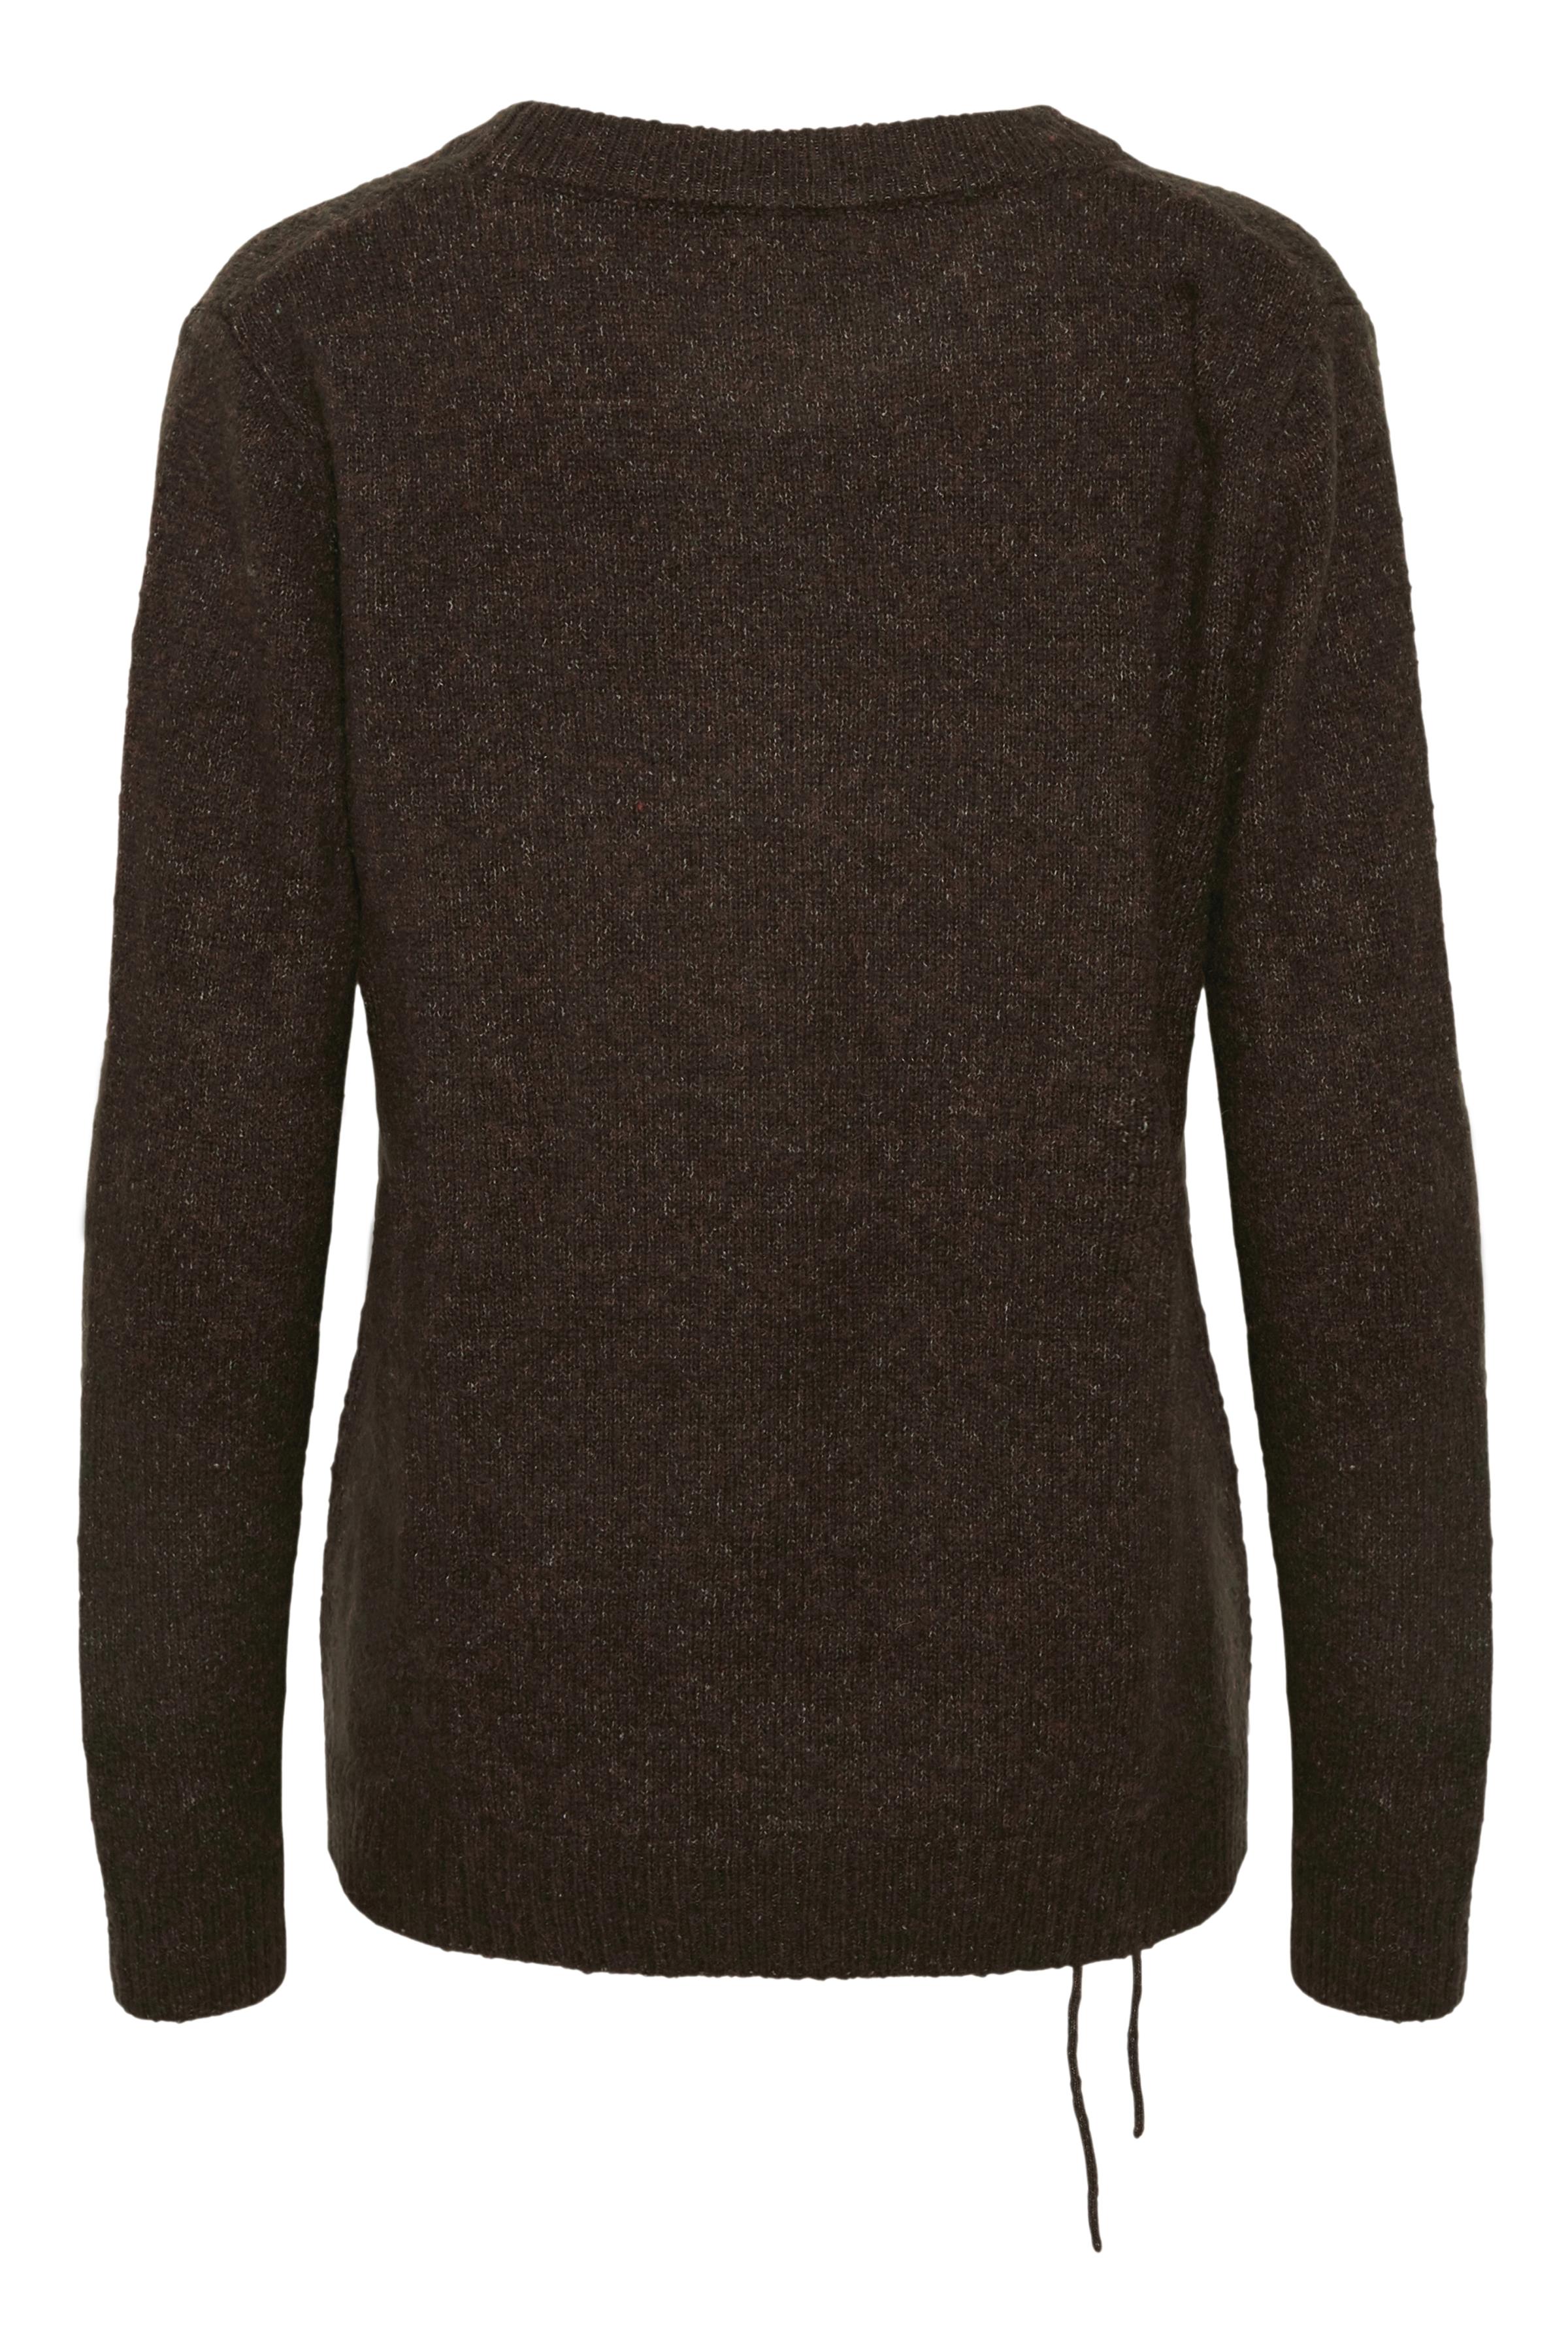 Mørkebrun Strikbluse fra Bon'A Parte – Køb Mørkebrun Strikbluse fra str. S-2XL her